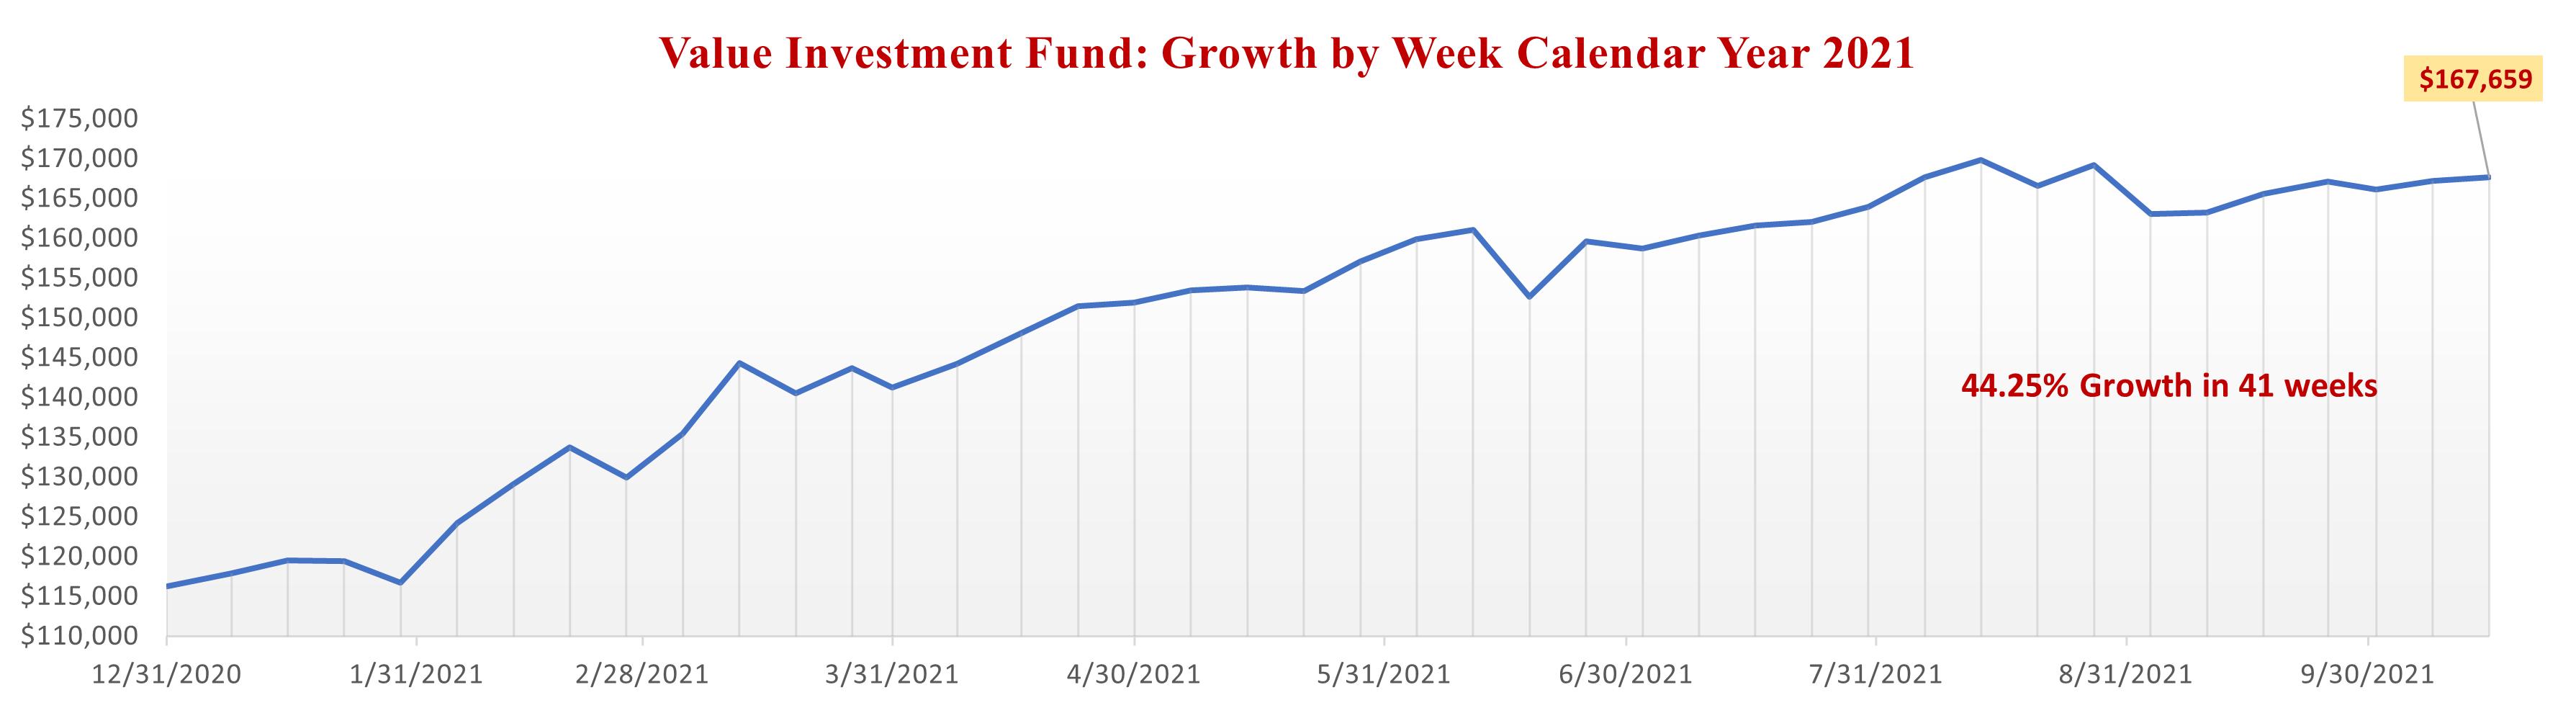 Value Investment Fund